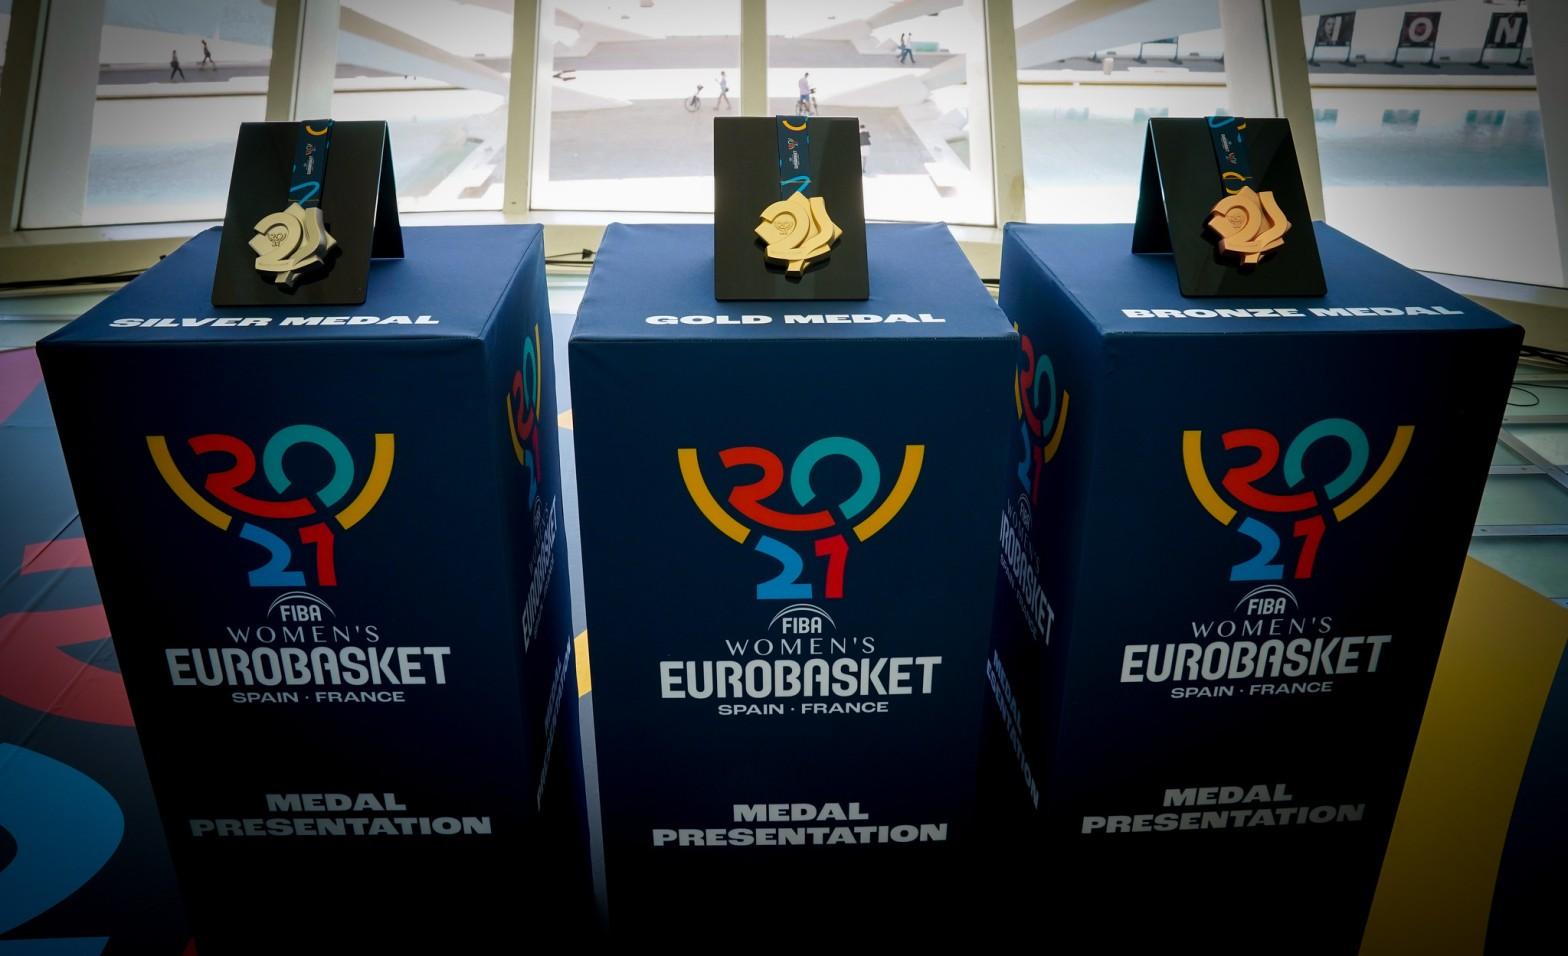 Medallas del Eurobasket de España y Francia 2021